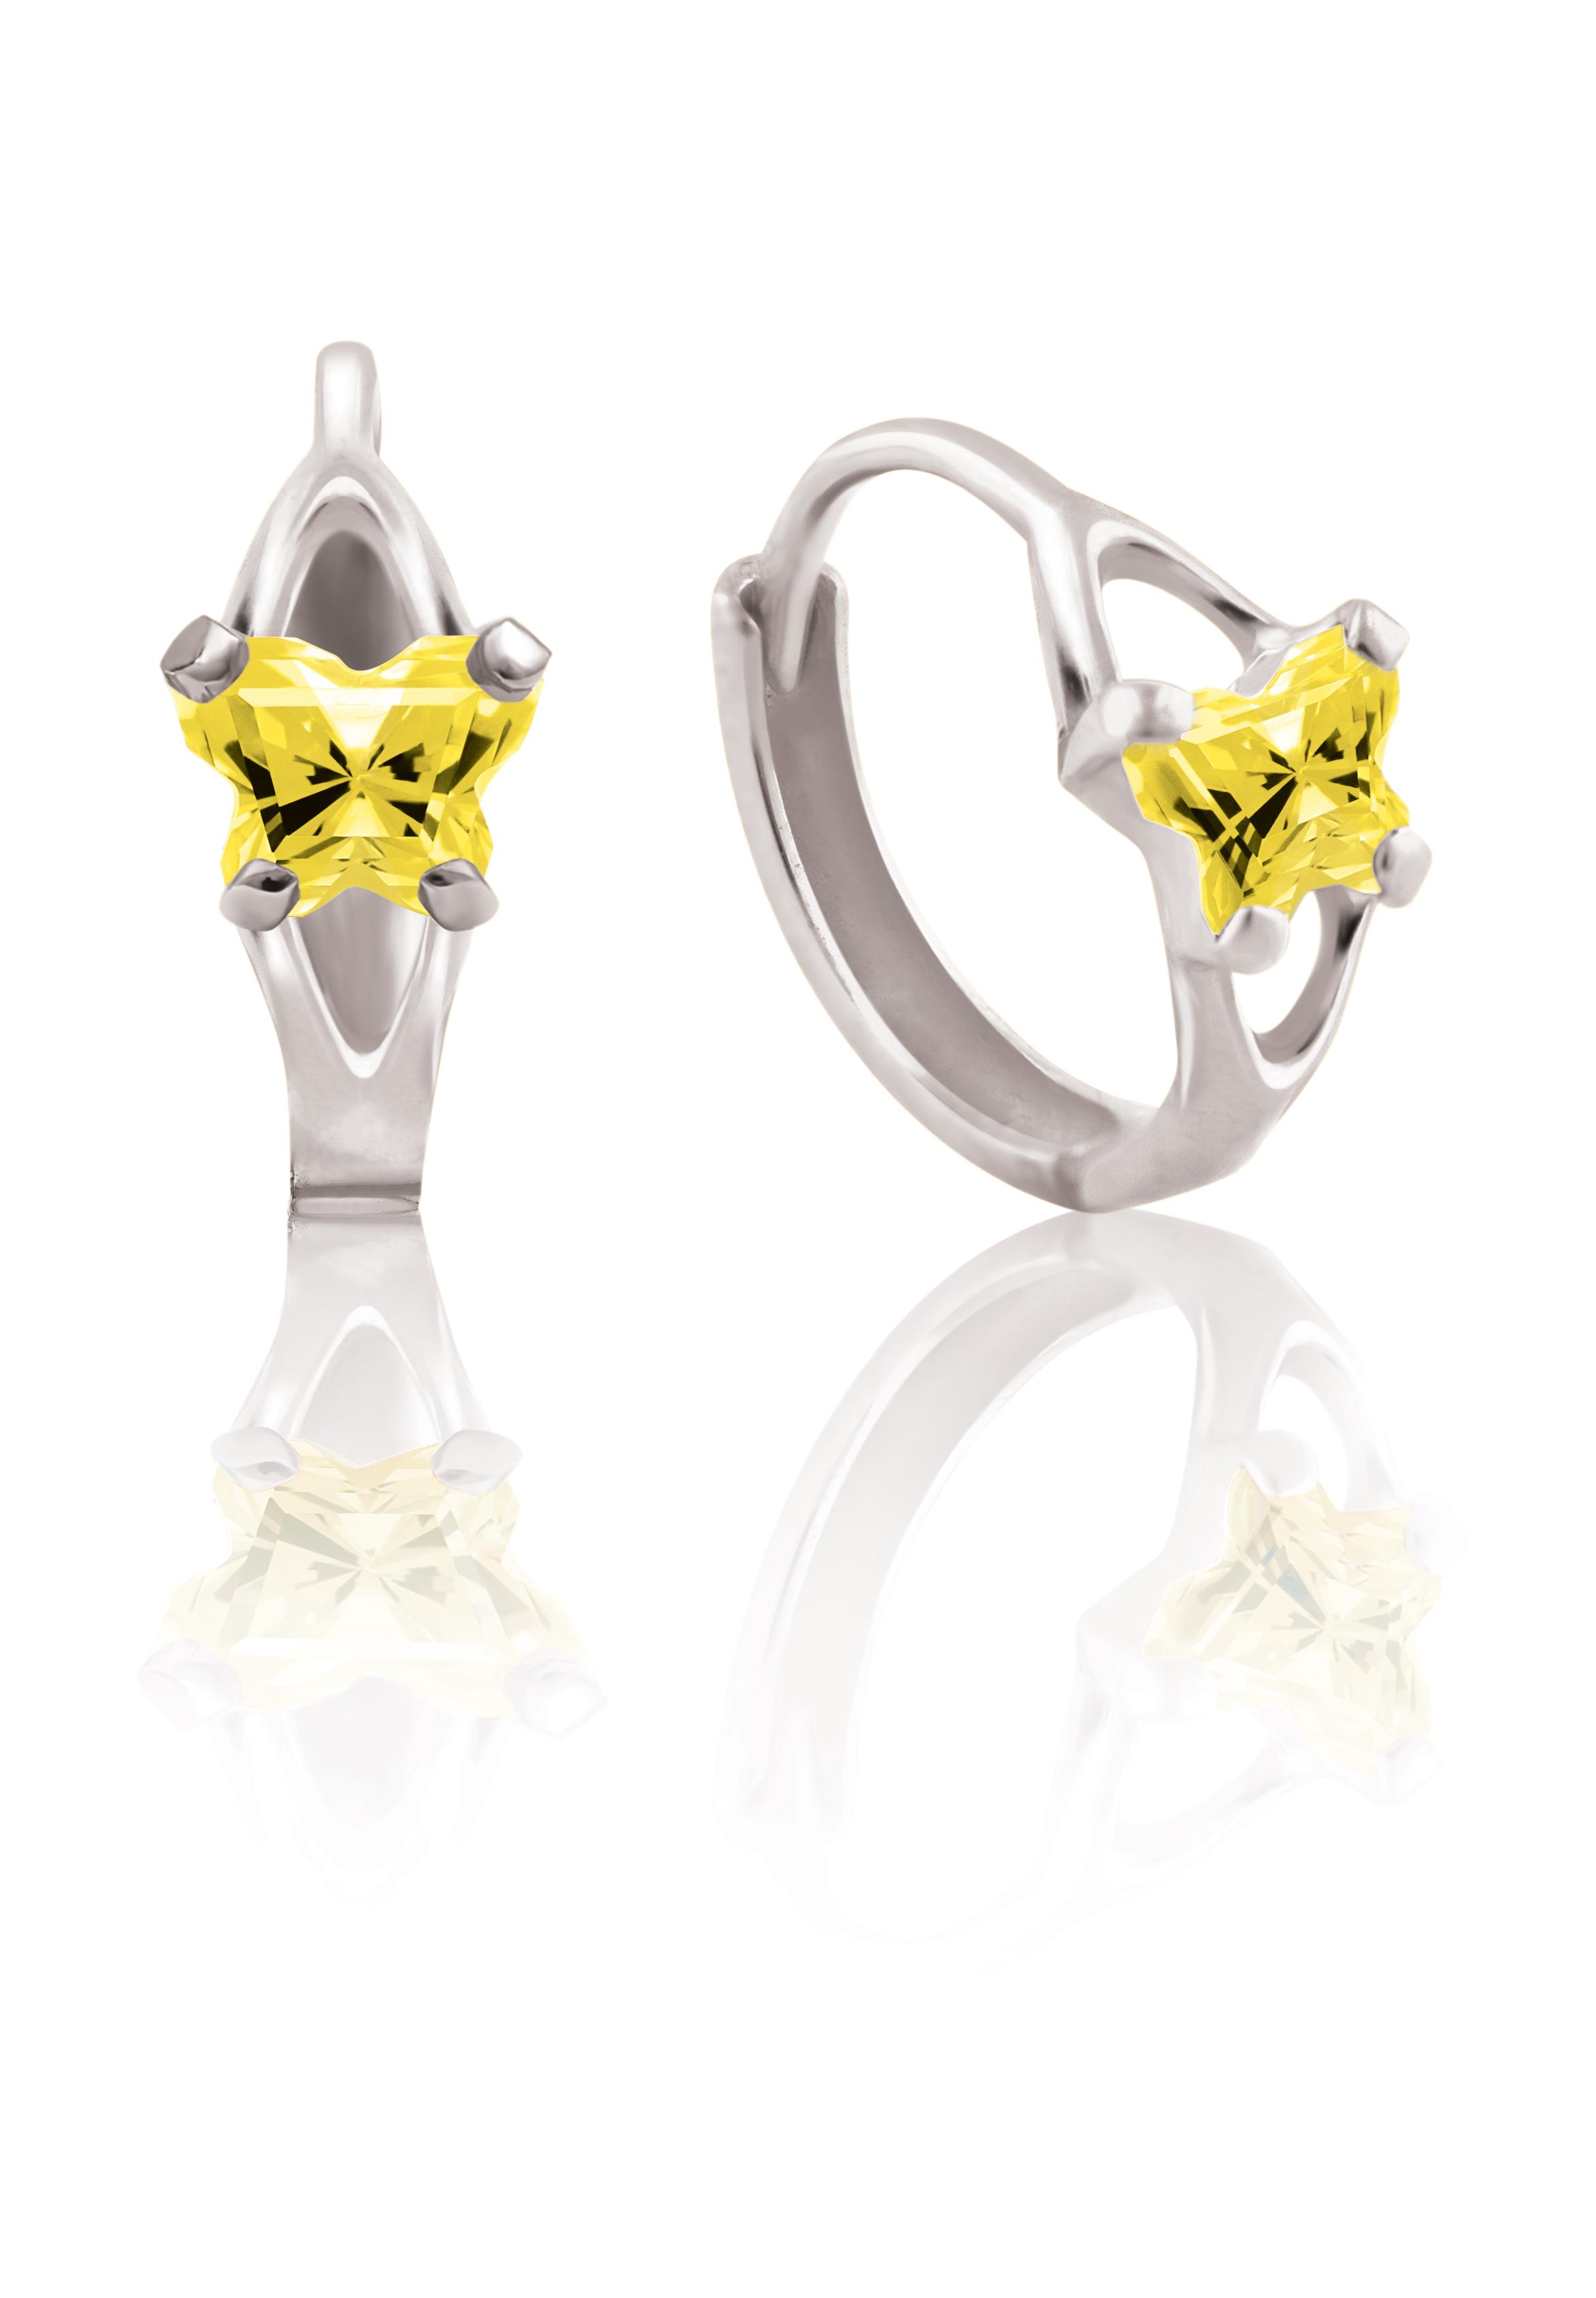 Boucles d'oreilles BFLY de genre Huggies pour bambins en argent sterling serties de zircons cubiques jaunes (mois de novembre)